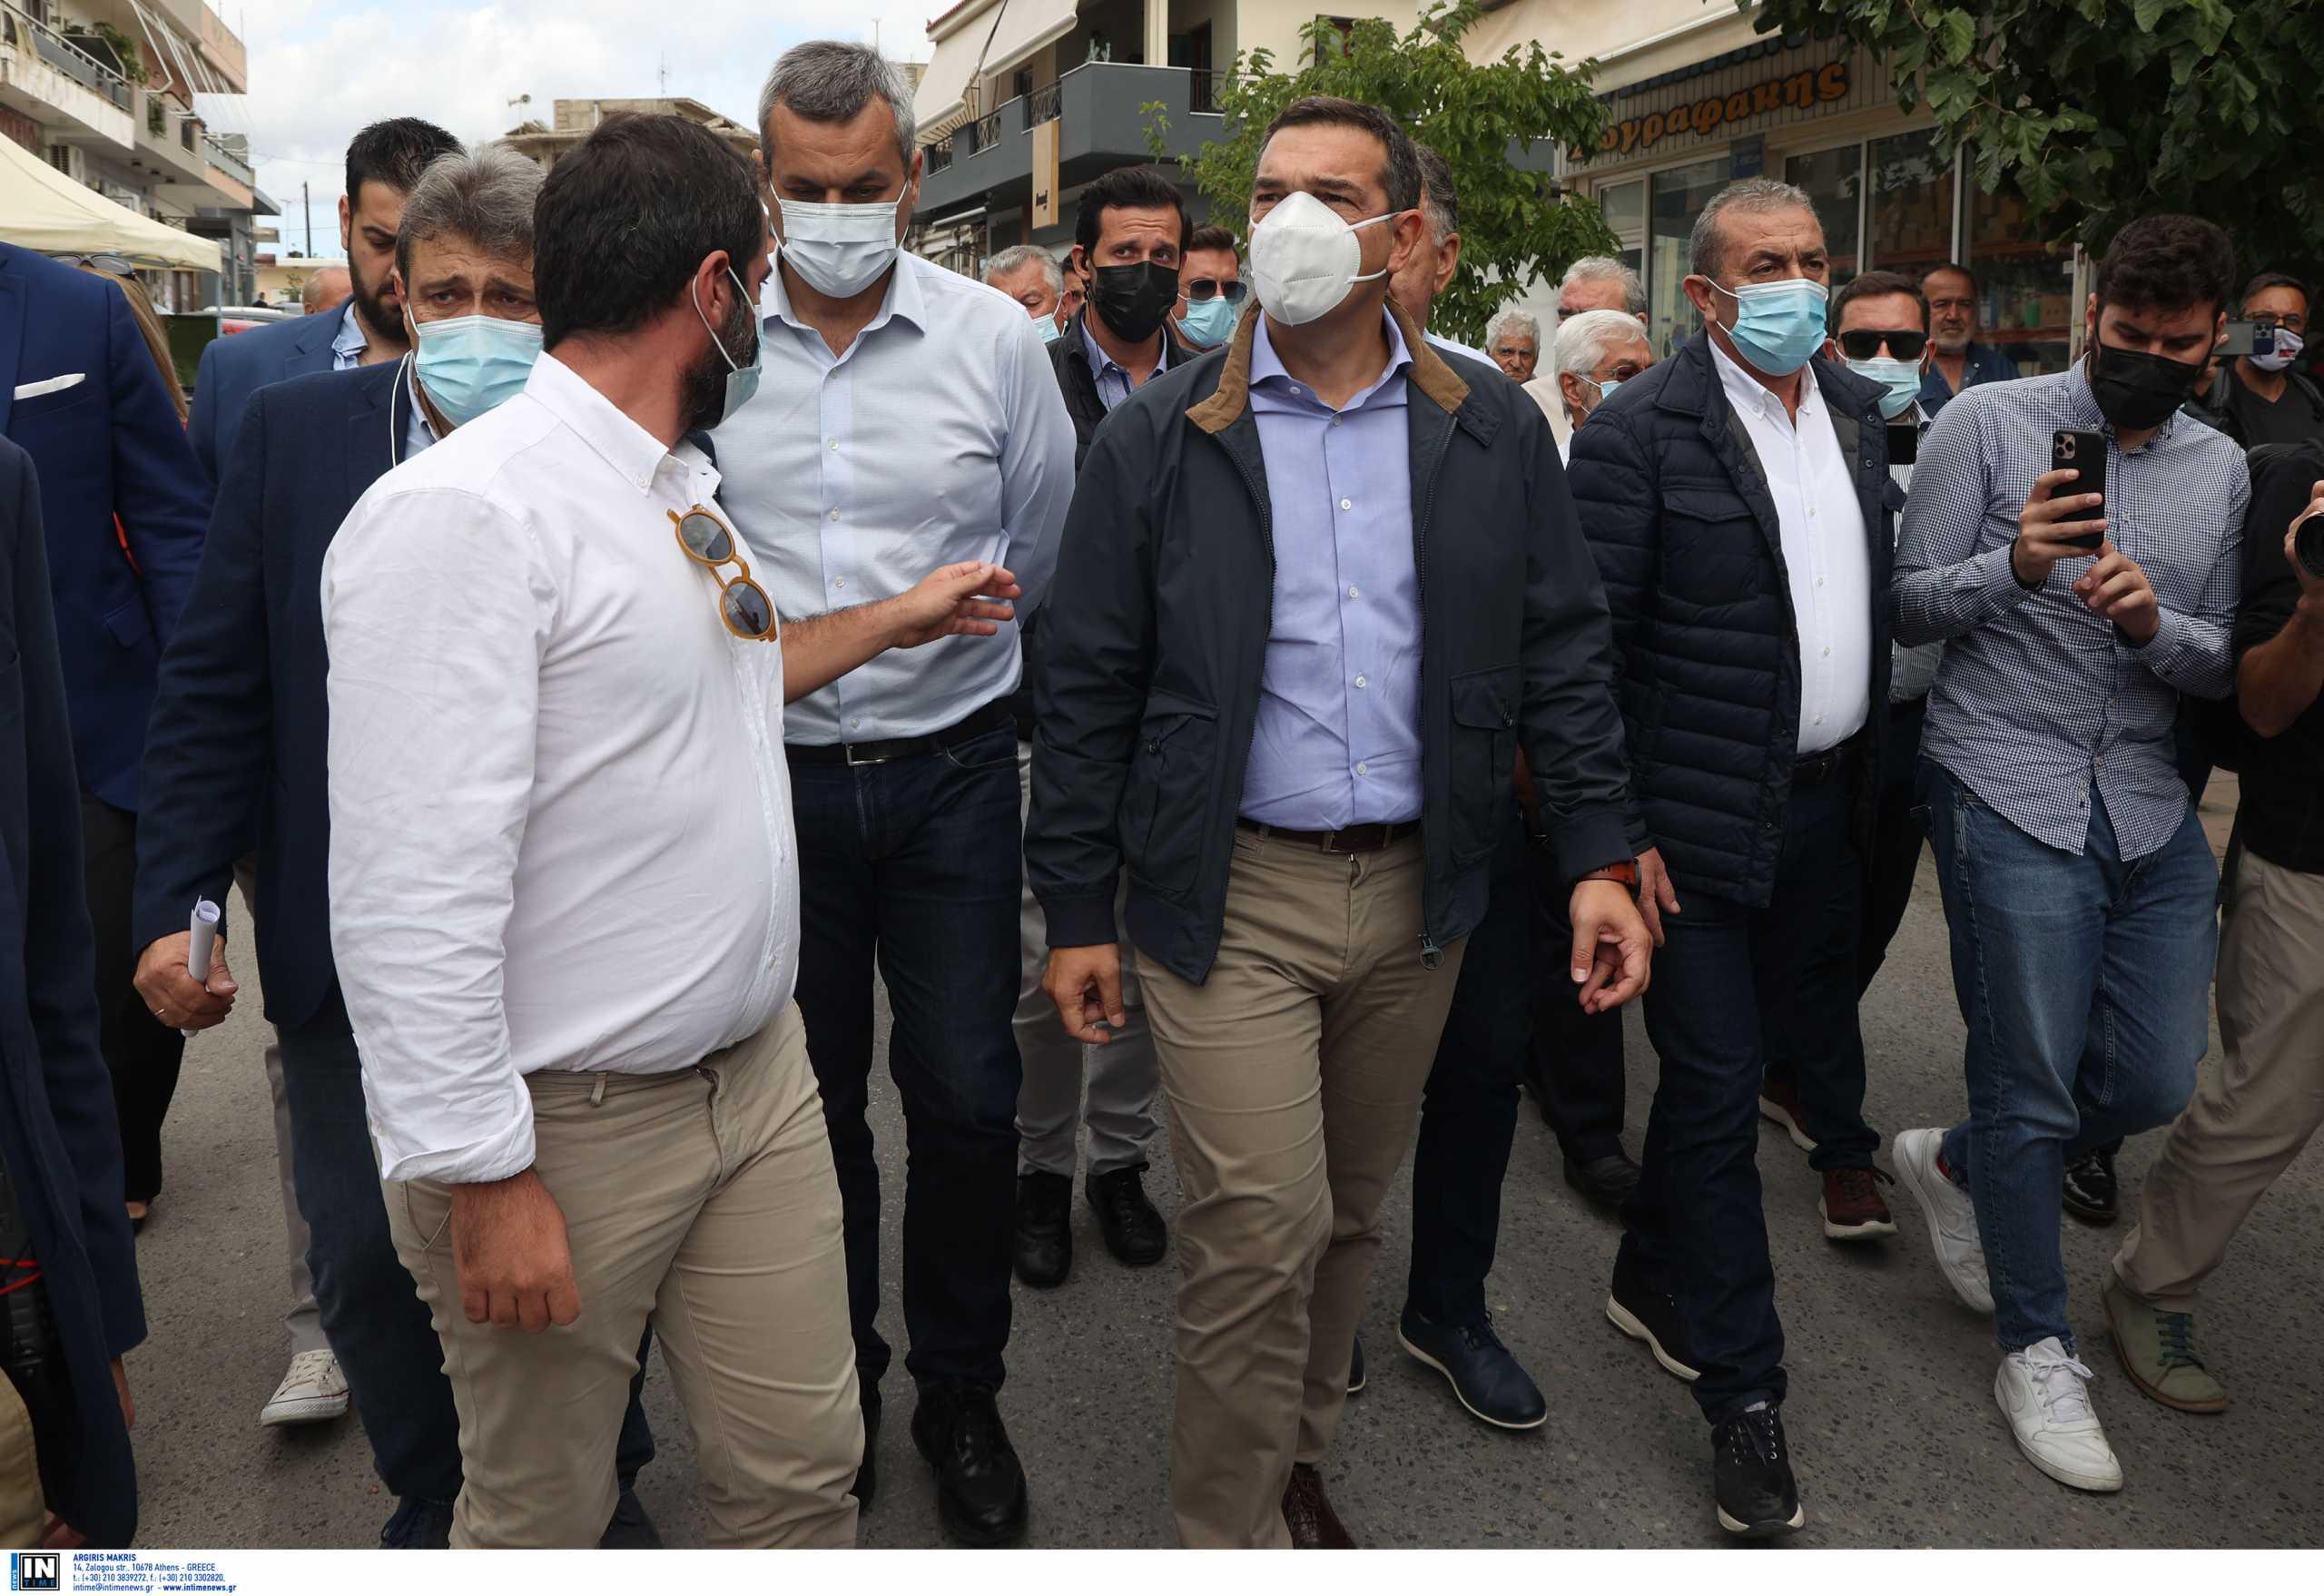 Σεισμός στην Κρήτη: Η μαντινάδα στον Αλέξη Τσίπρα στο Αρκαλοχώρι